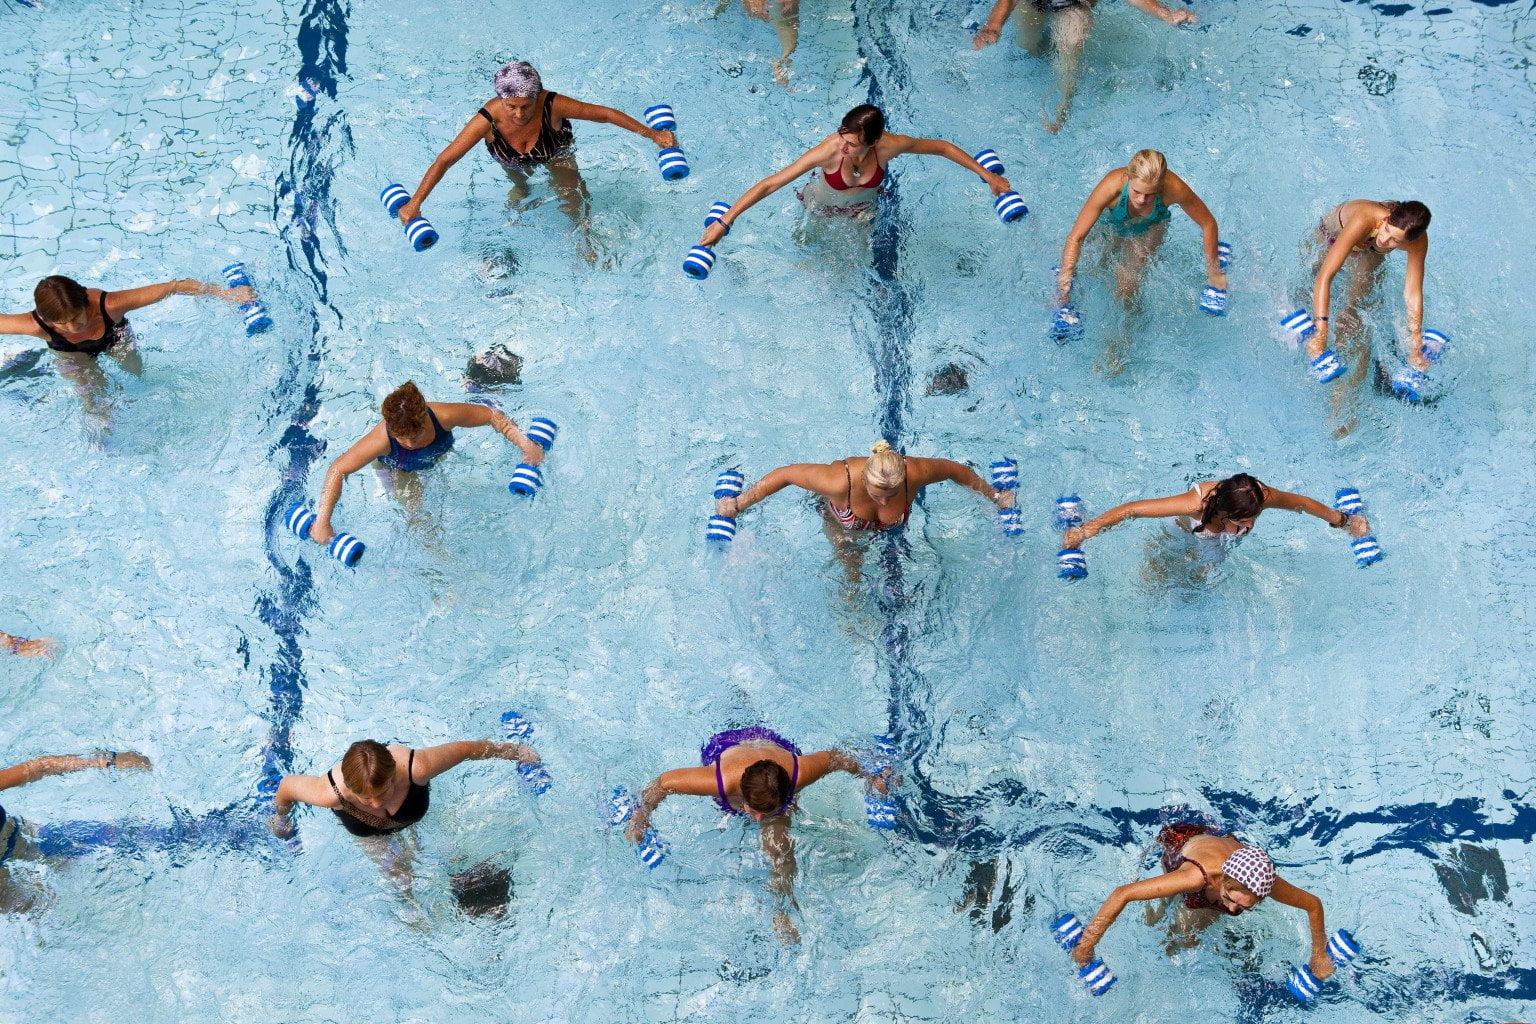 Edzés a vízben, 2. rész: aquafitness, vagy vízifitnesz